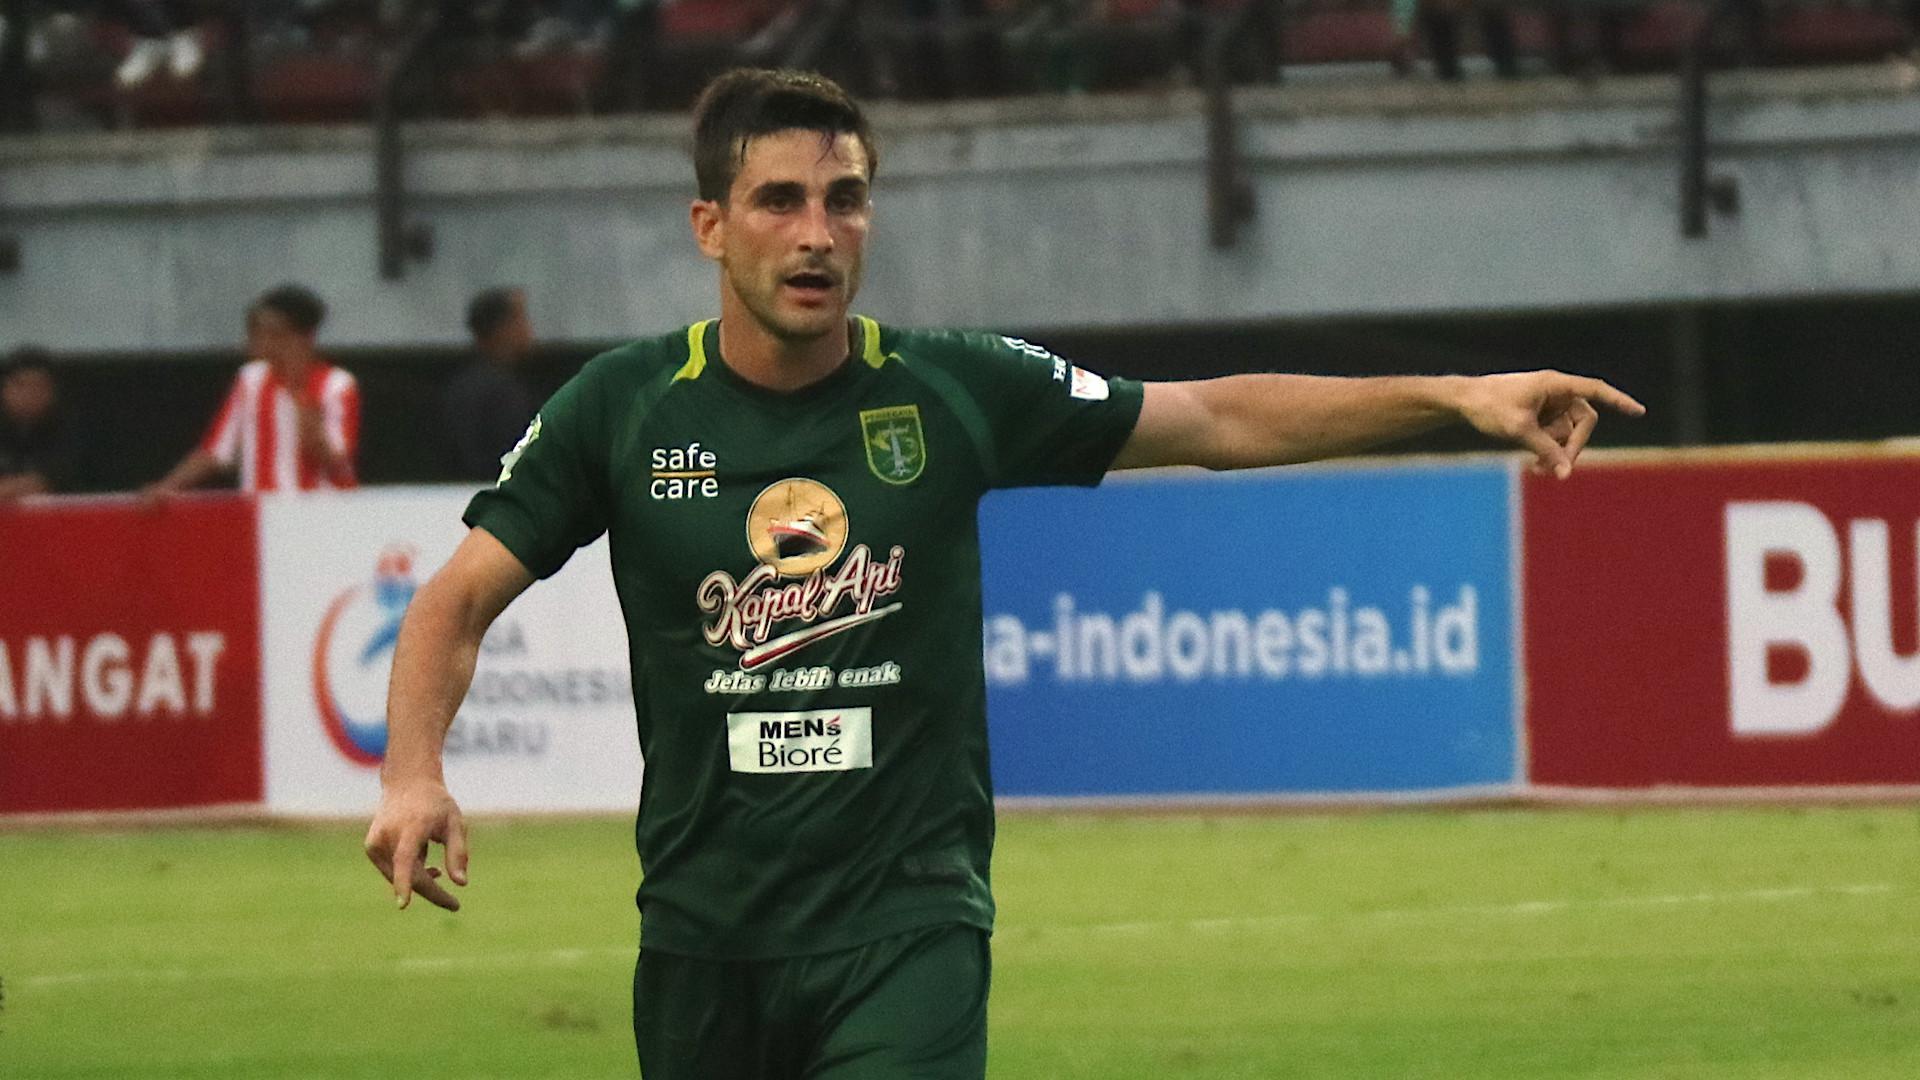 Roberto Pugliara minta maaf setelah diusir wasit karena mendapat kartu kuning kedua saat Persebaya menang 4-1 atas PS Tira pada lanjutan Liga 1 2018, Jumat (13/4/2018). (Bola.com/Aditya Wany)